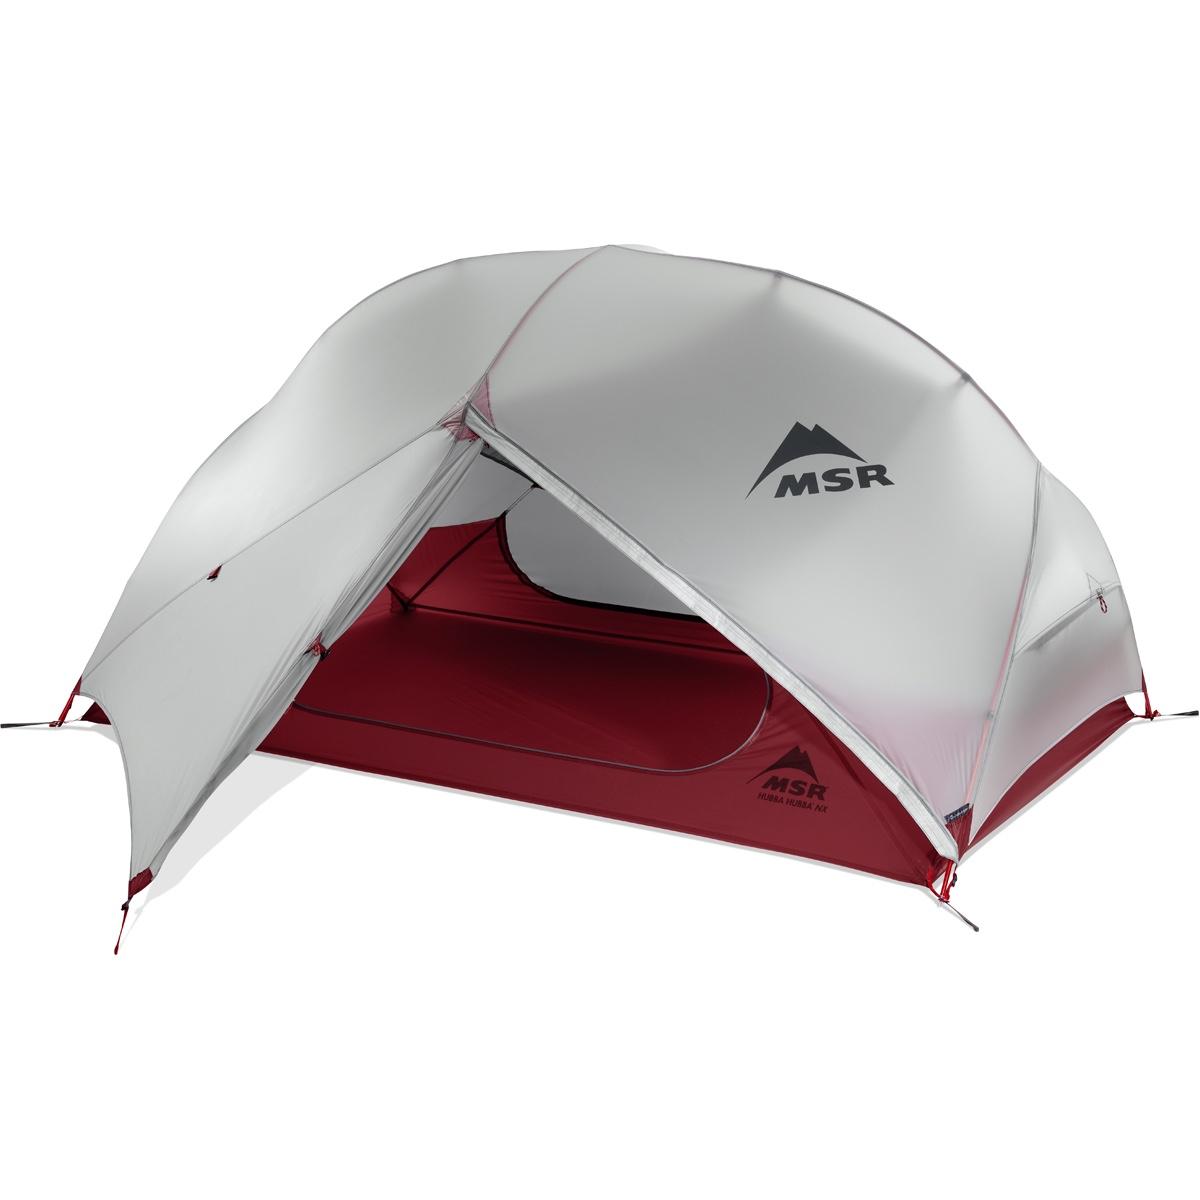 MSR - Hubba Hubba NX - 2 man tent